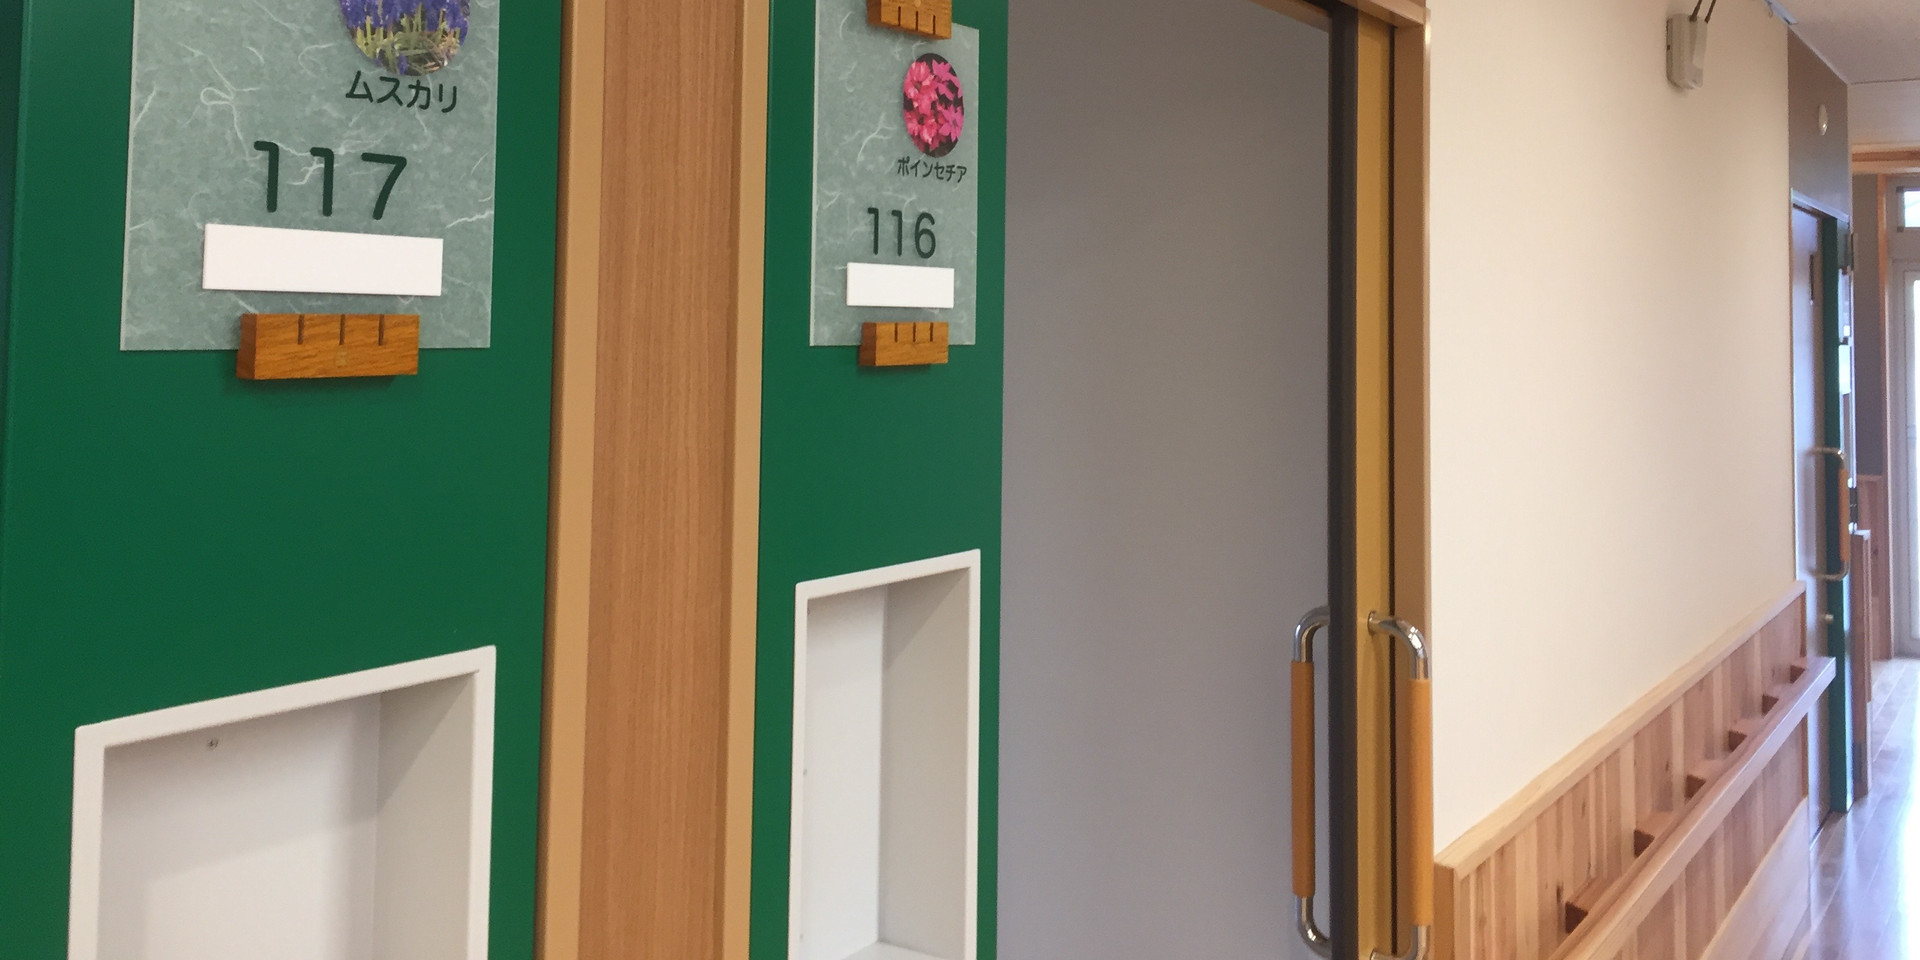 部屋番号ピクトサイン